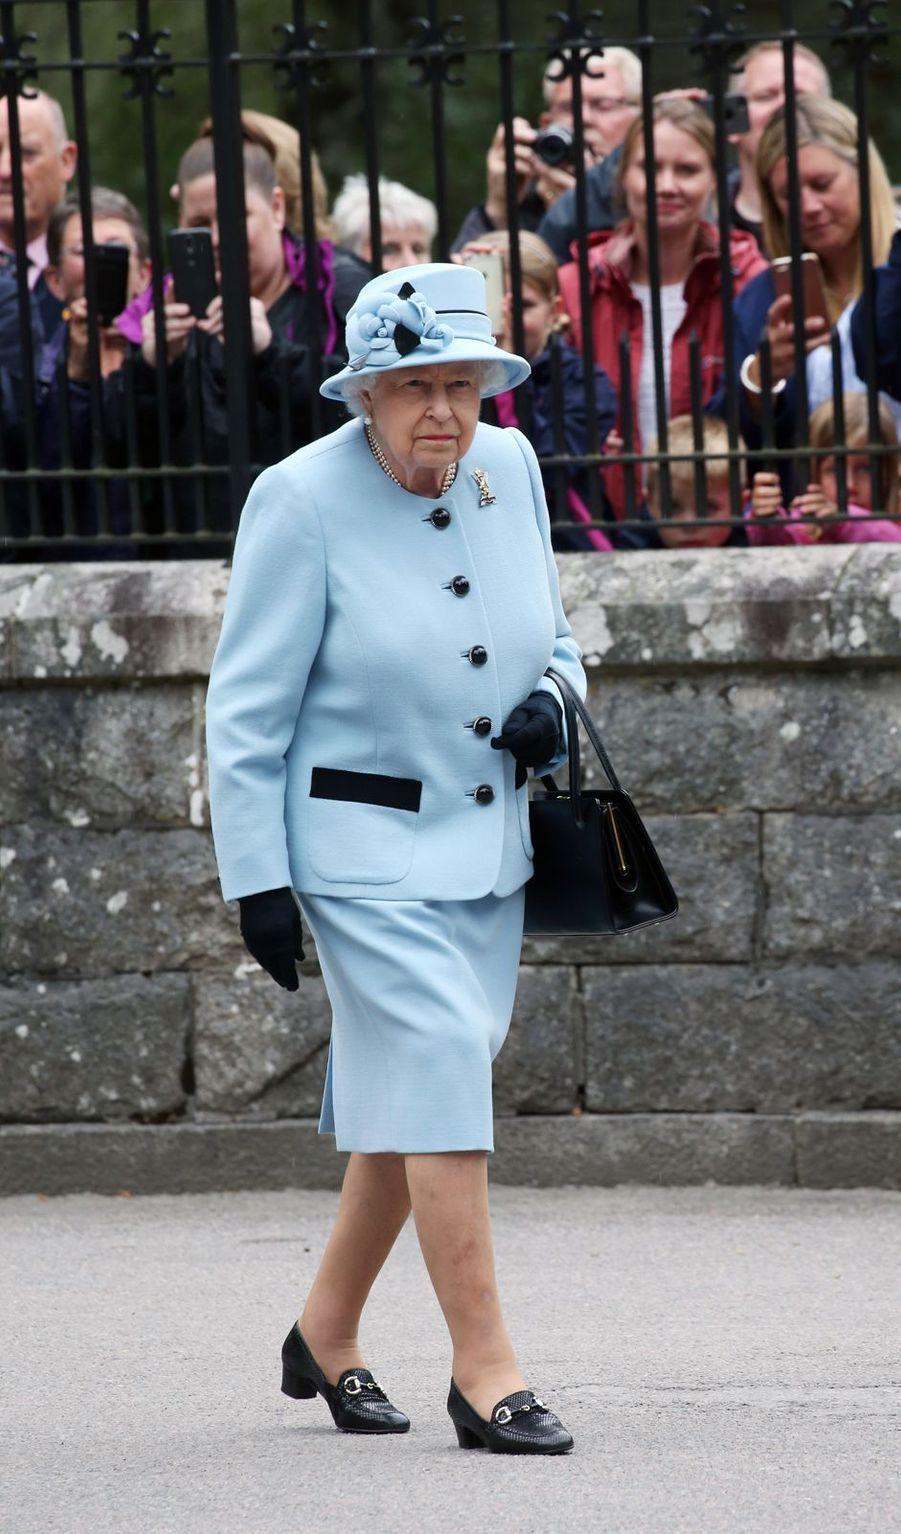 La reine Elizabeth II en bleu ciel et noir à Balmoral, le 6 août 2019